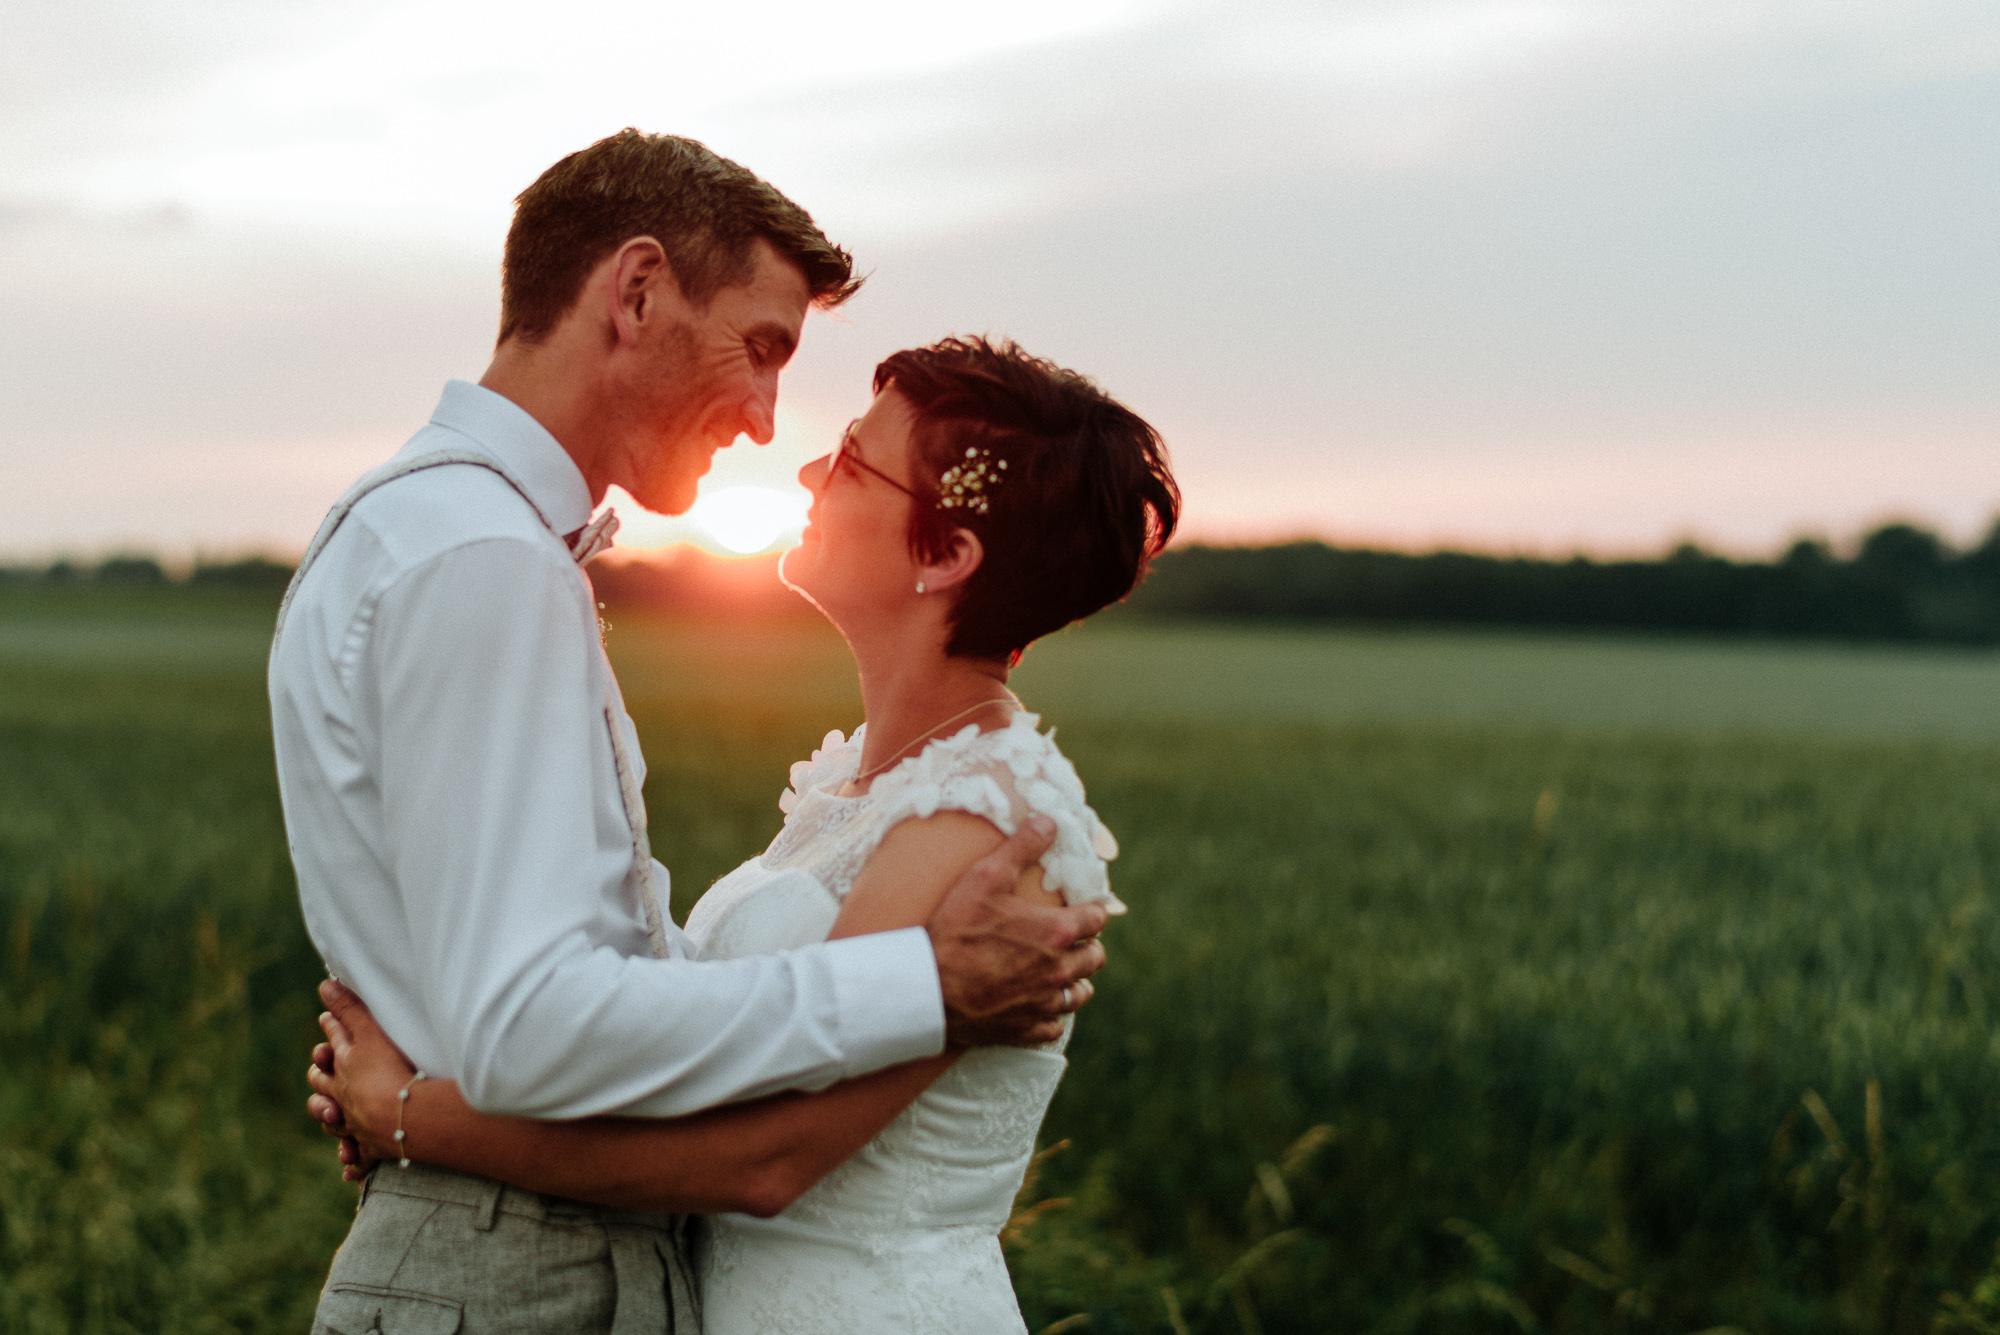 reportage über eine Hochzeit im Harz